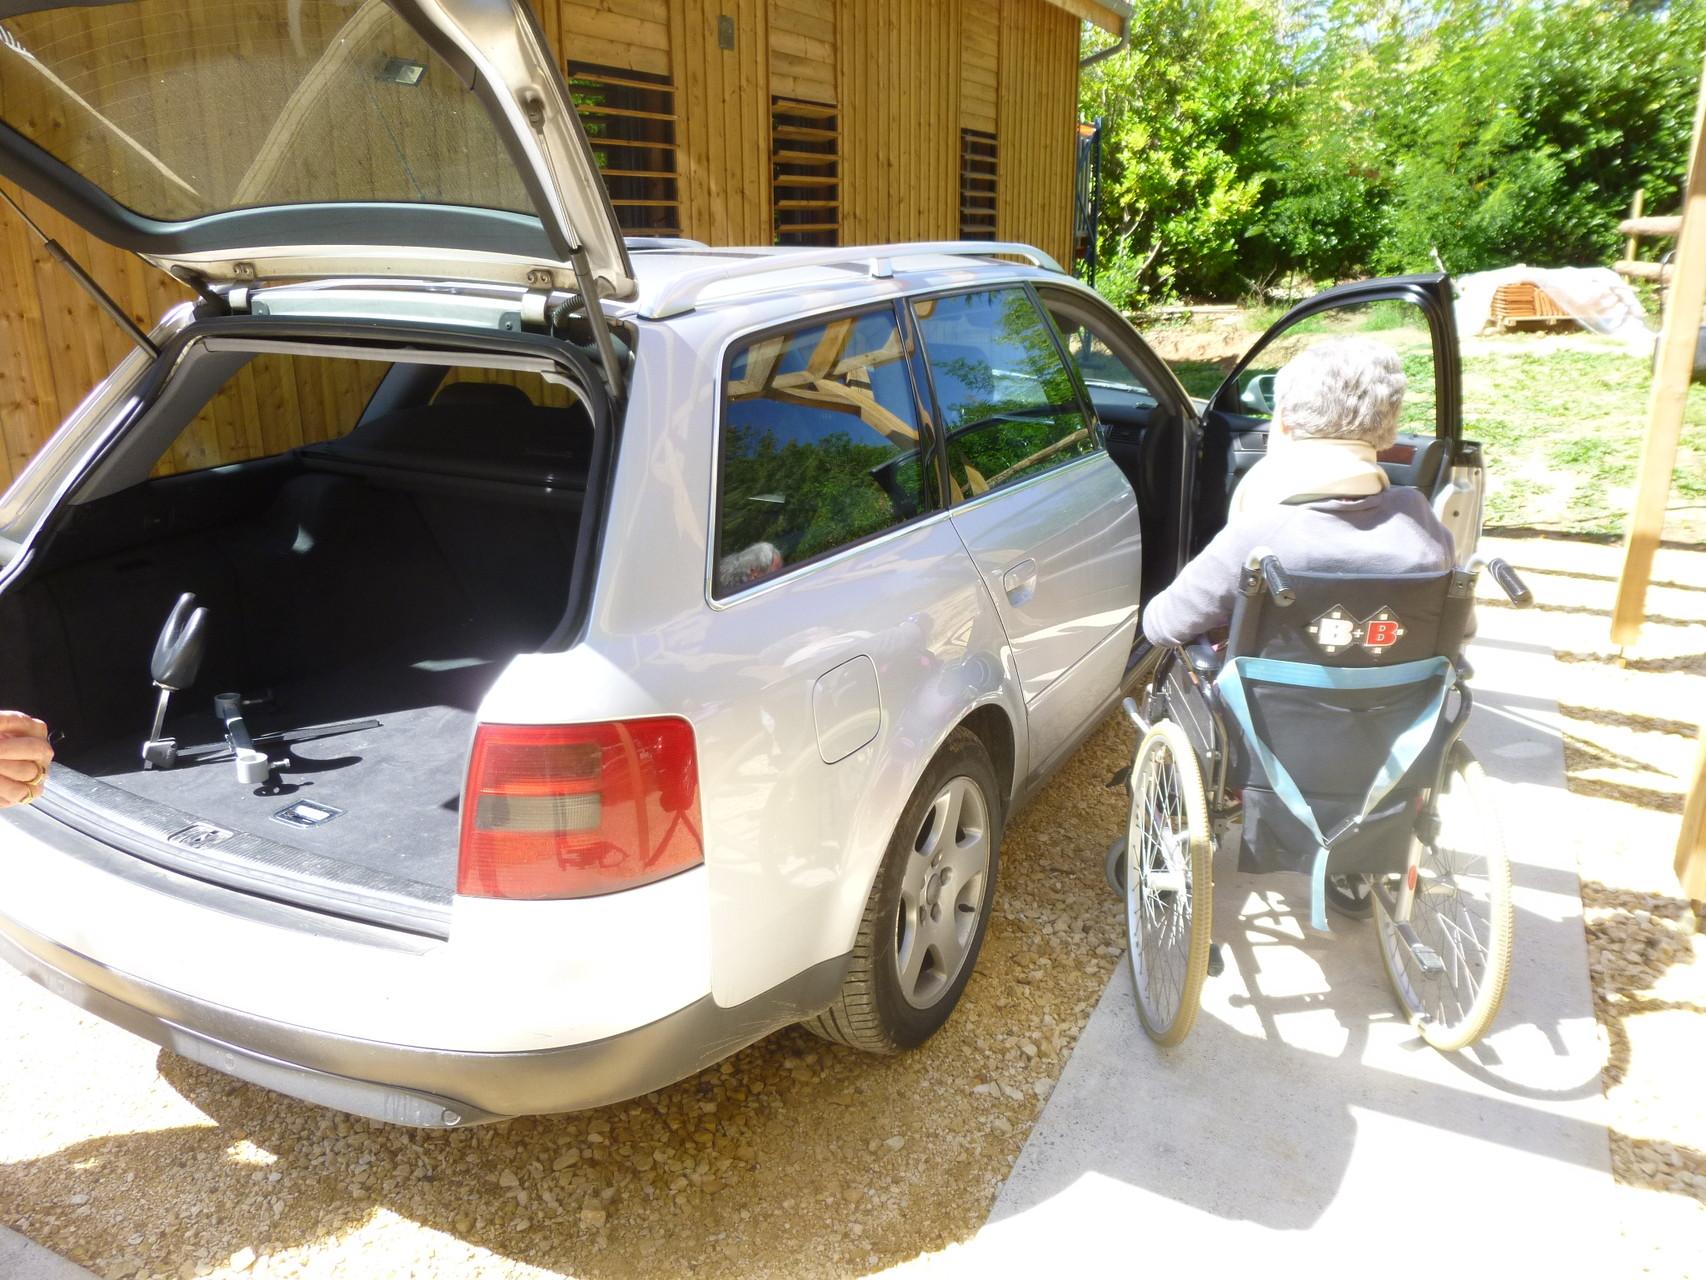 Accessibilité latérale au véhicule